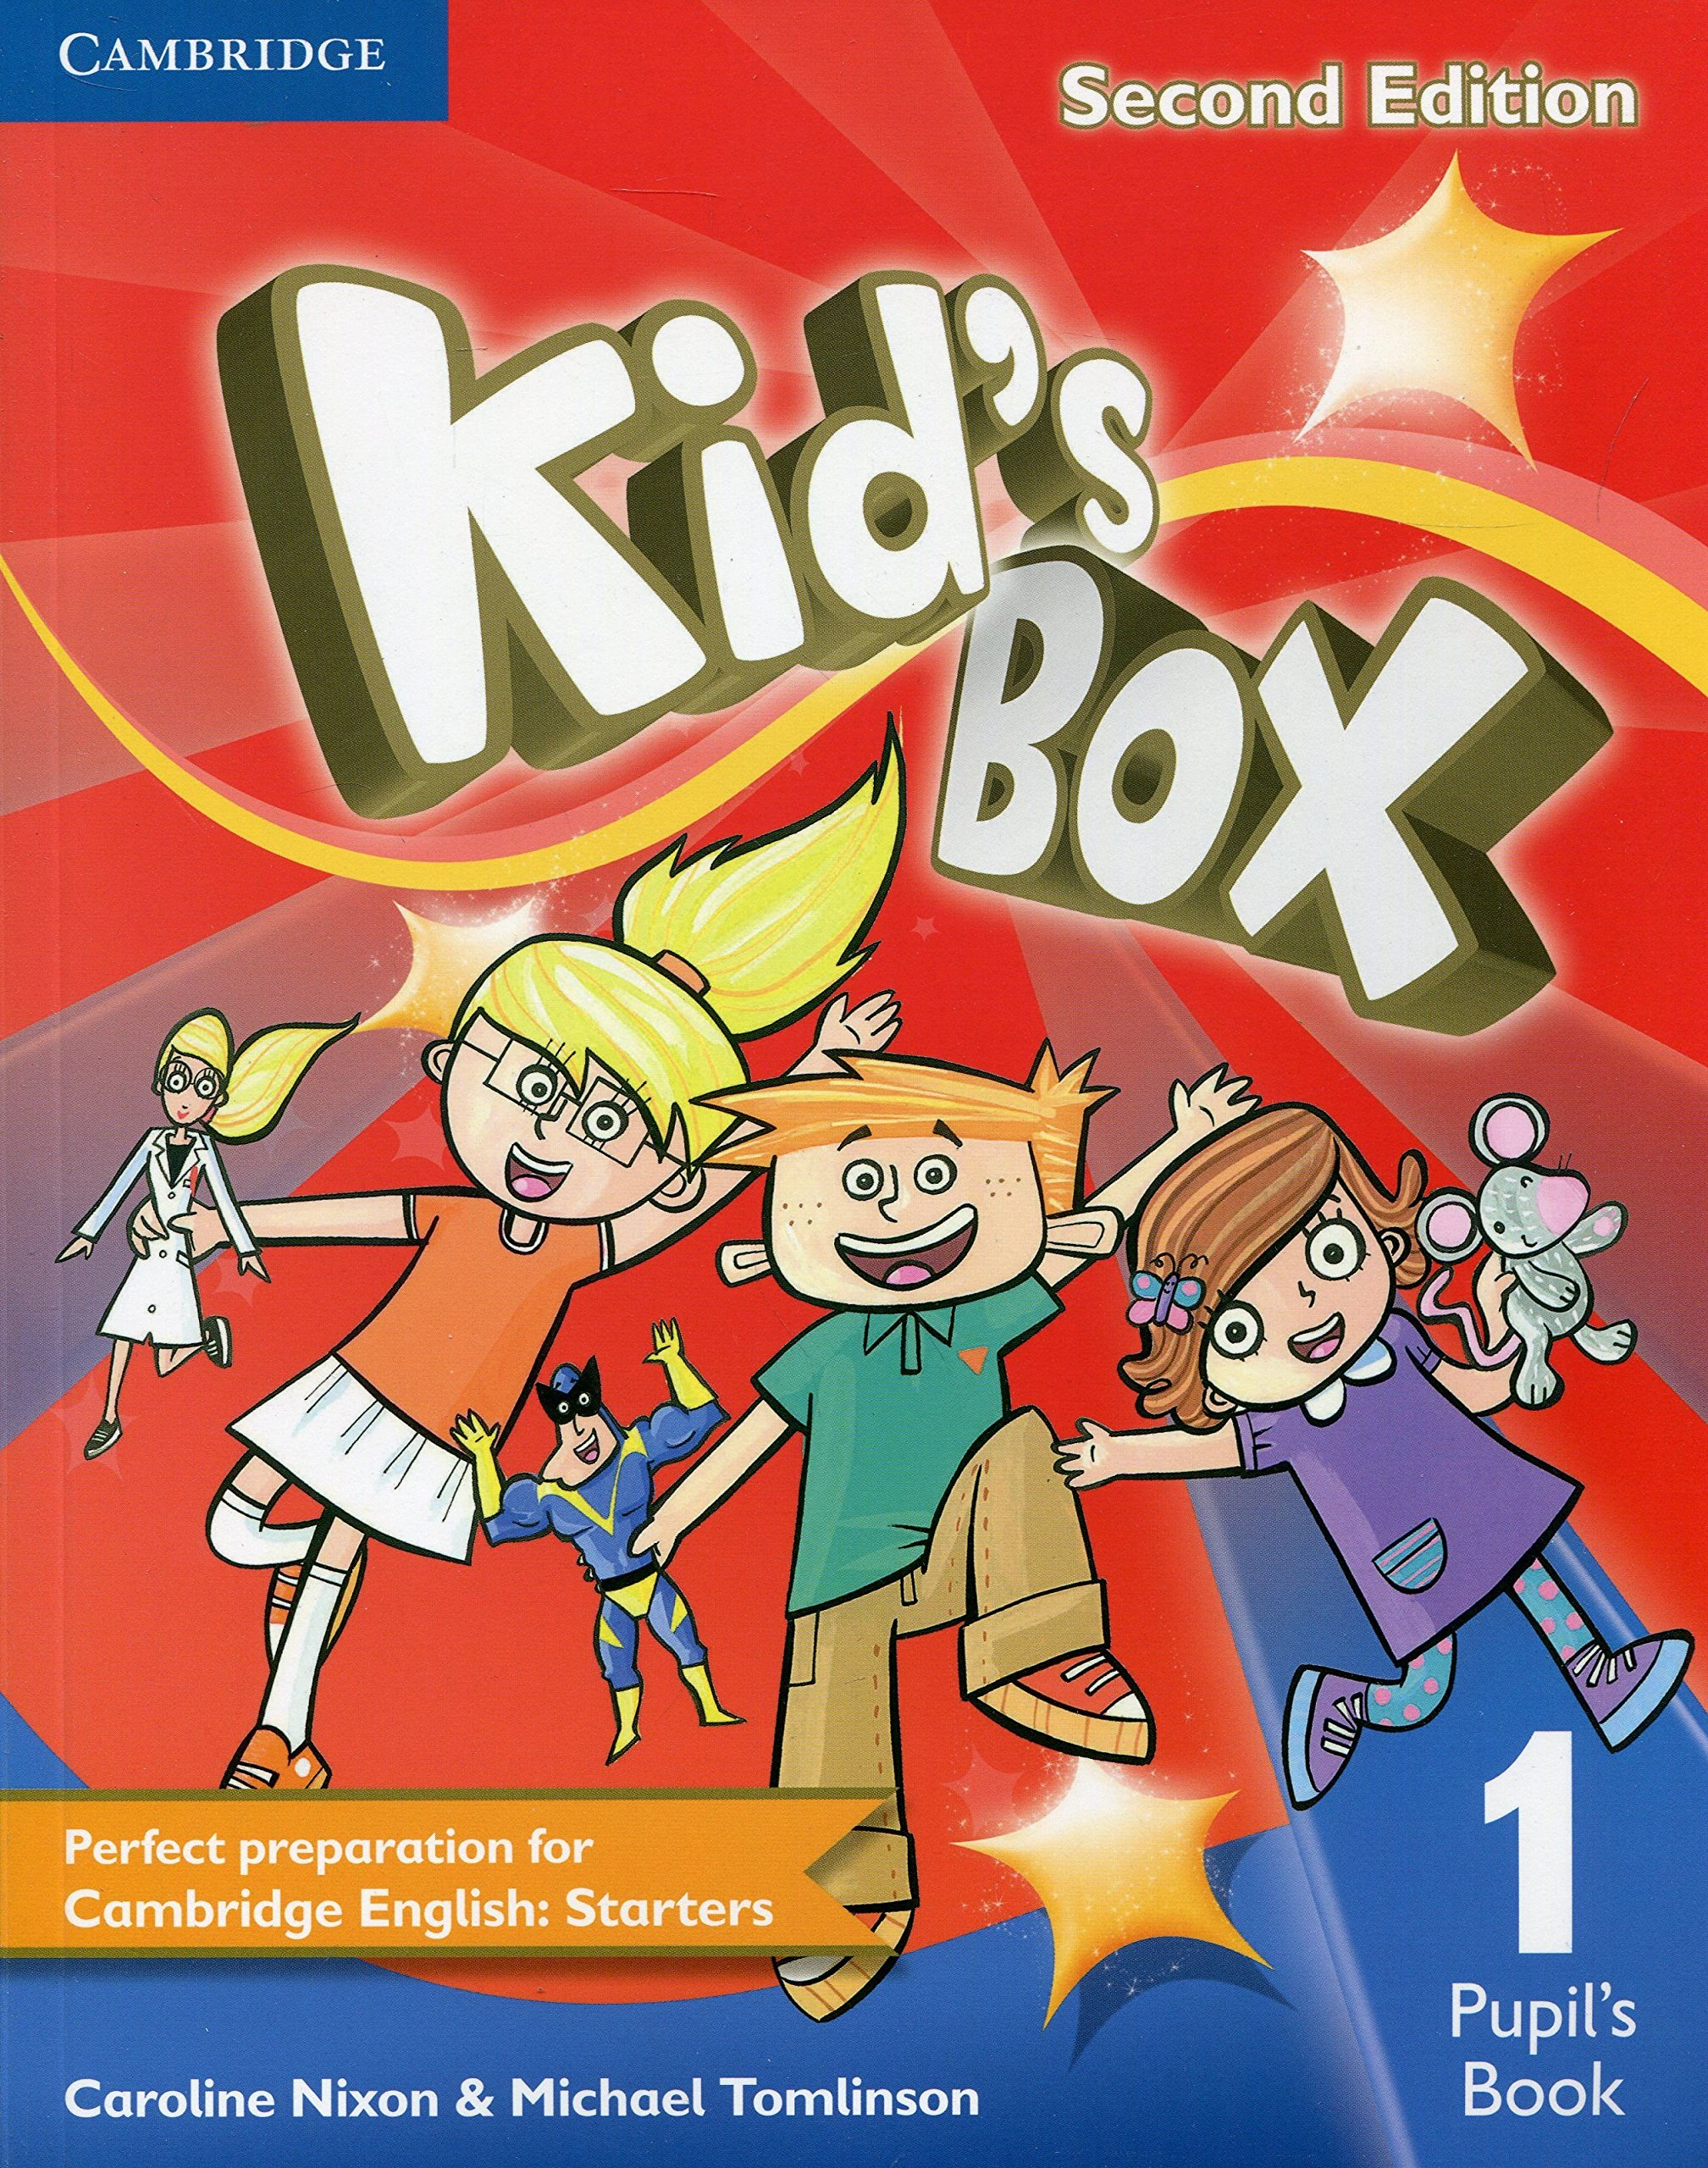 Купить книгу «kid's box 1. Pupil's book» (nixon caroline) в интернет-магазине my-shop. Ru. Низкая цена, доставка курьером и почтой, самовывоз. Читать.